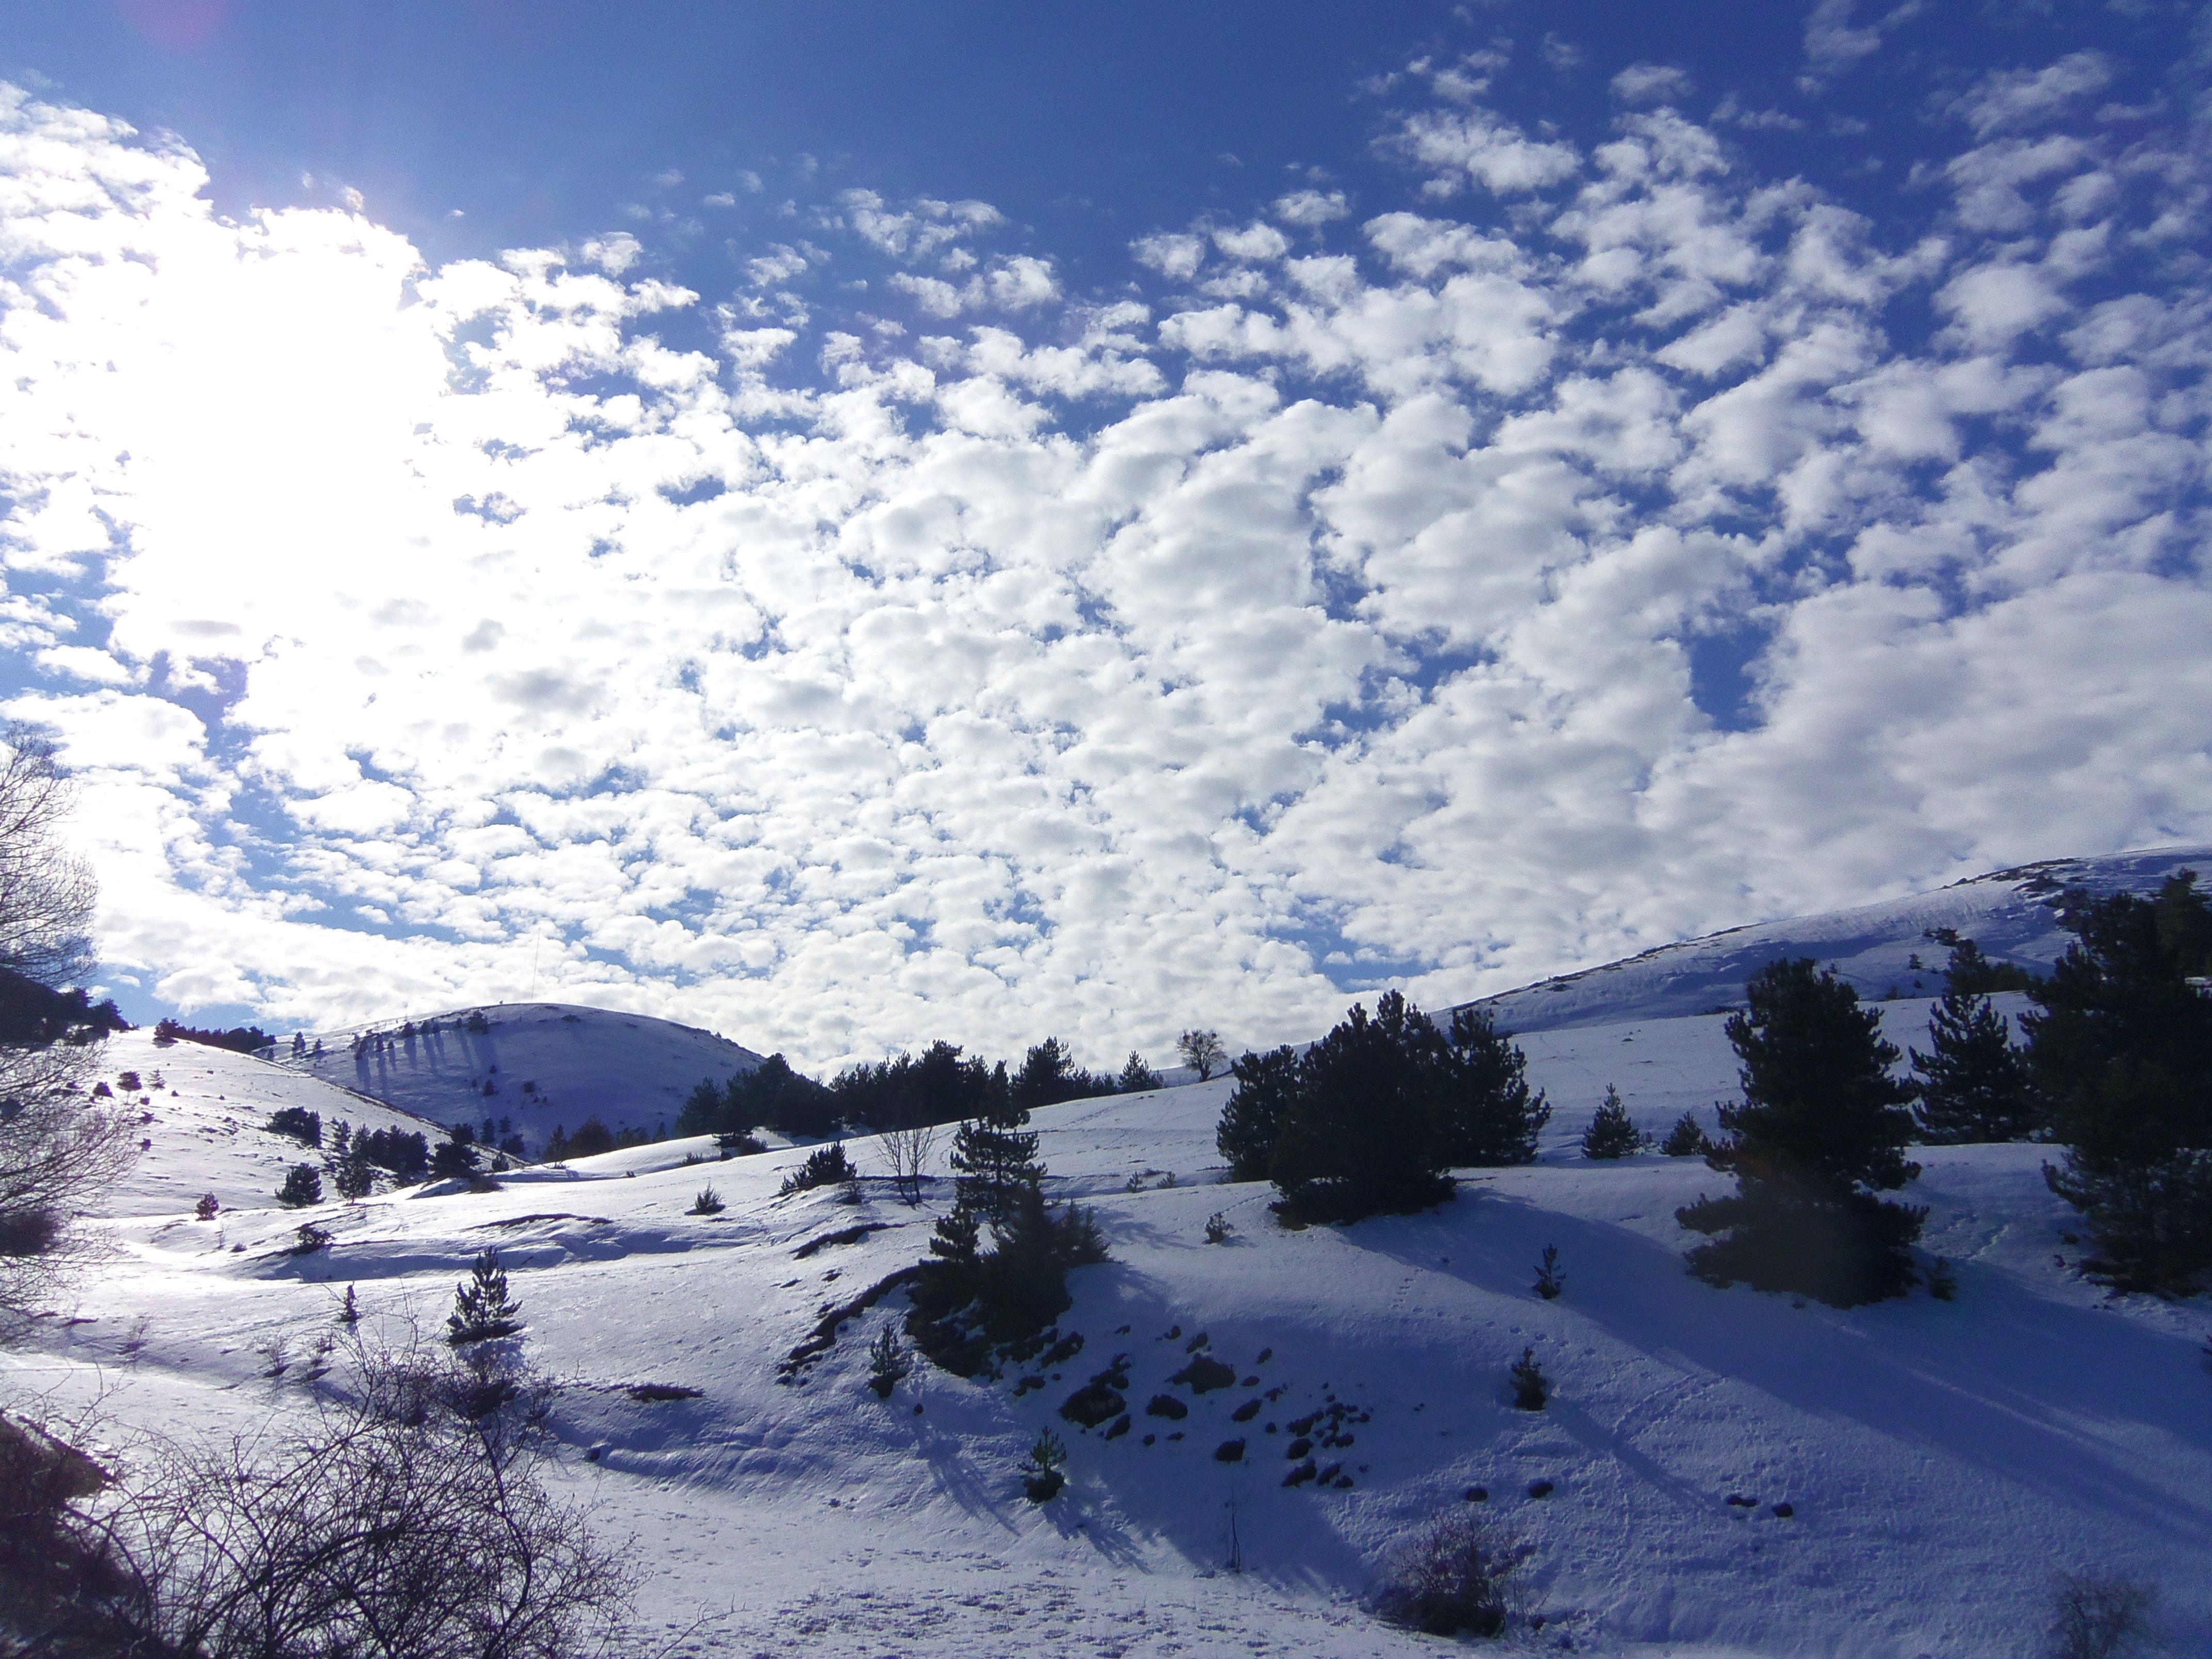 Gran Sasso Monti della Laga National Park Abruzzo - Italy